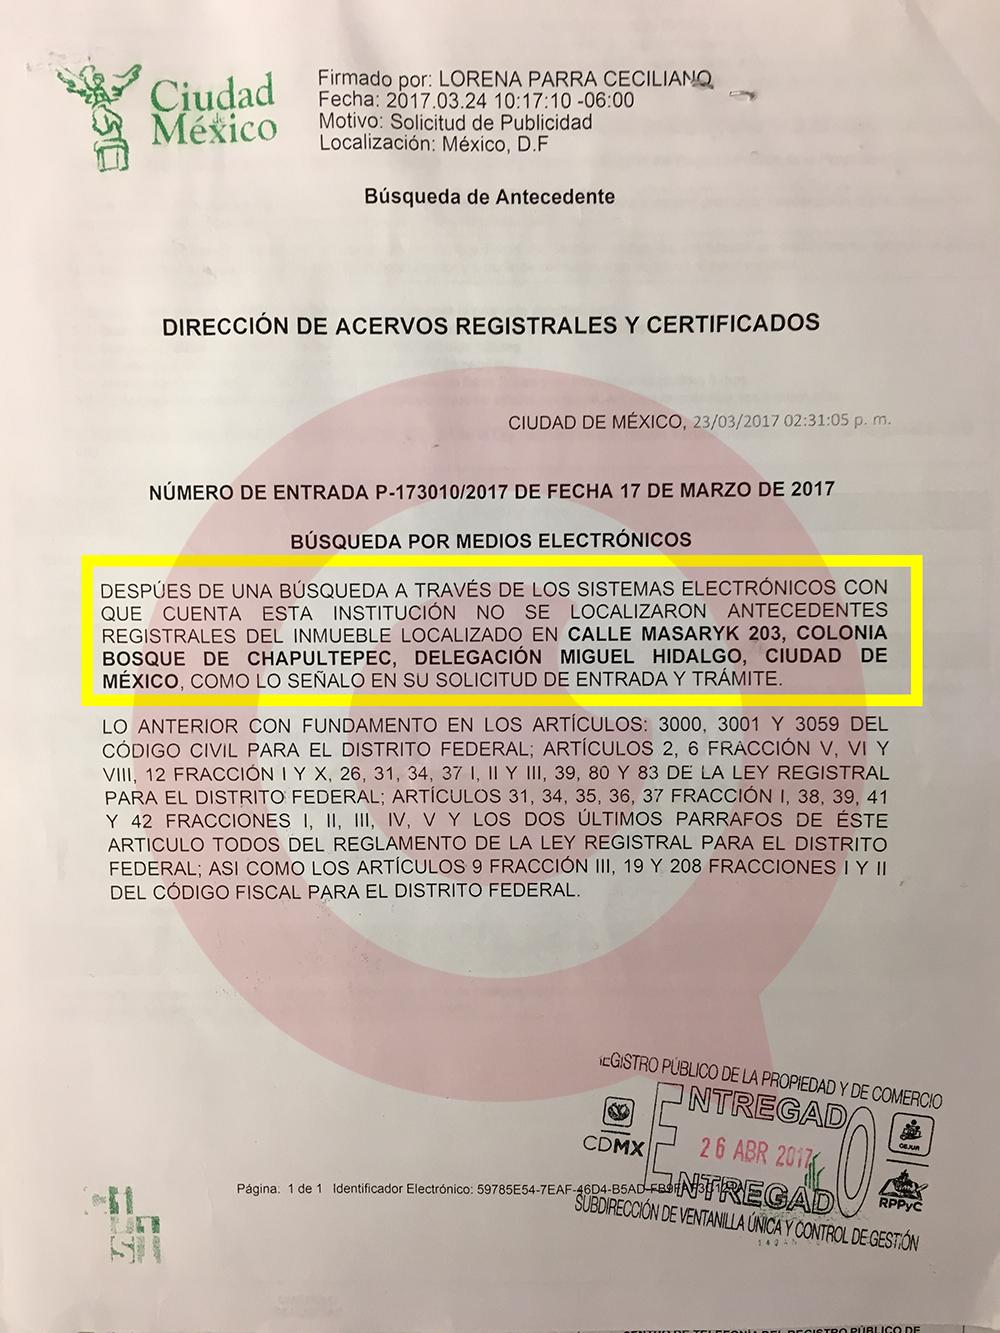 Registro publico de la propiedad cdmx